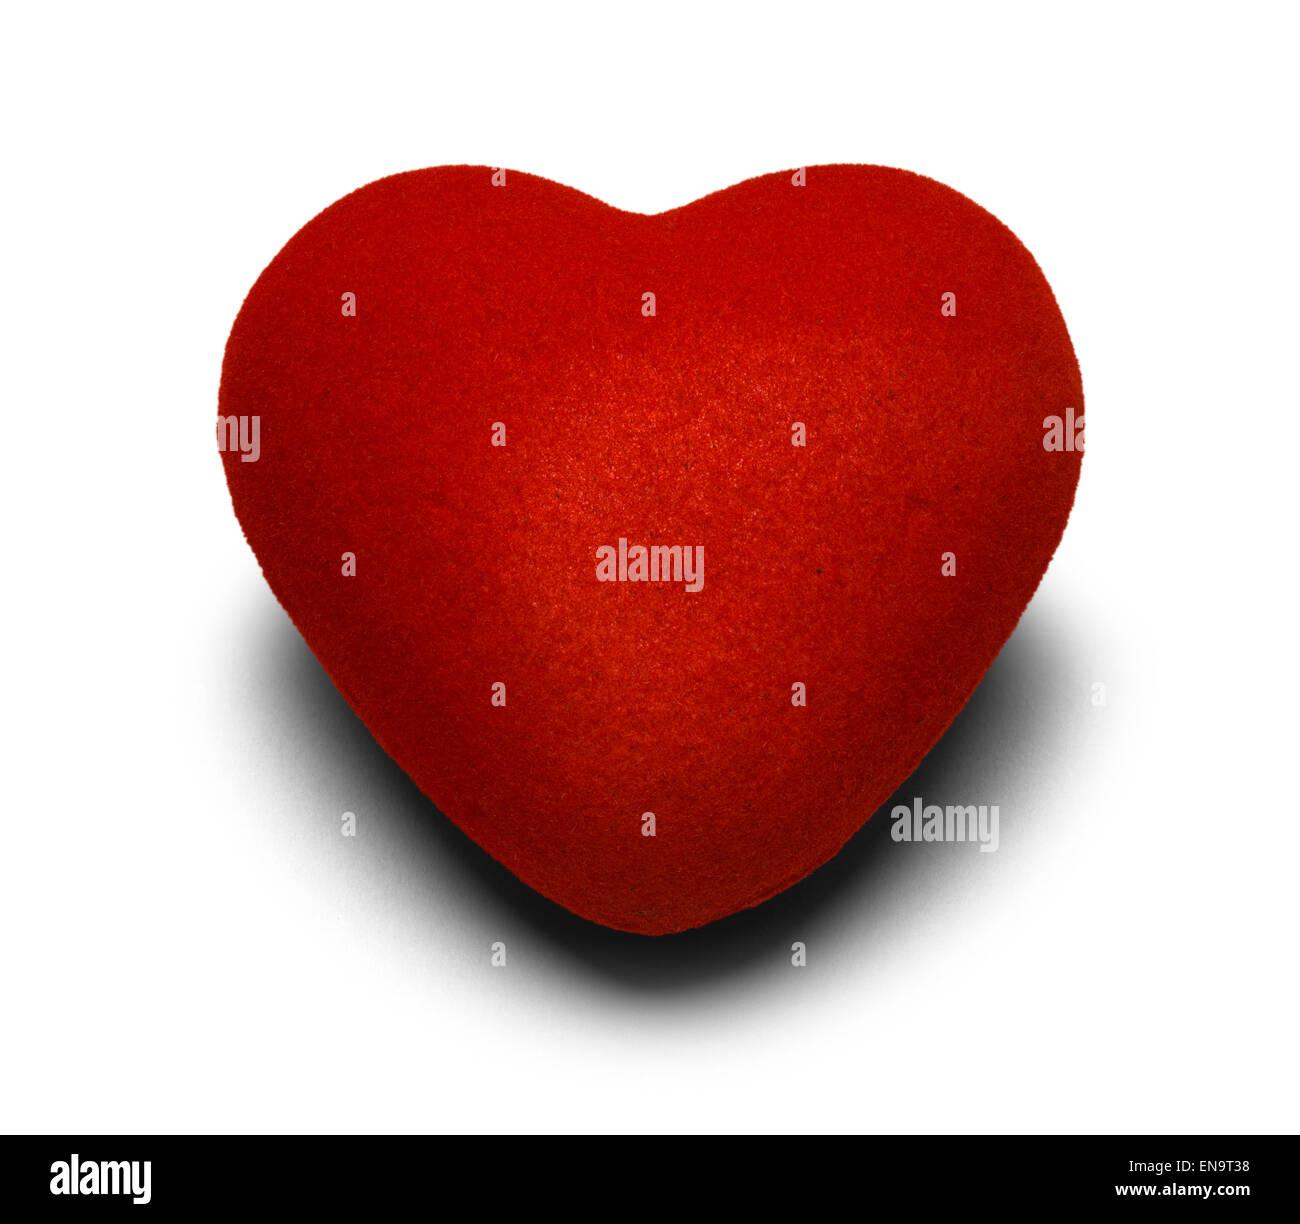 In tessuto rosso cuore isolato su sfondo bianco. Immagini Stock